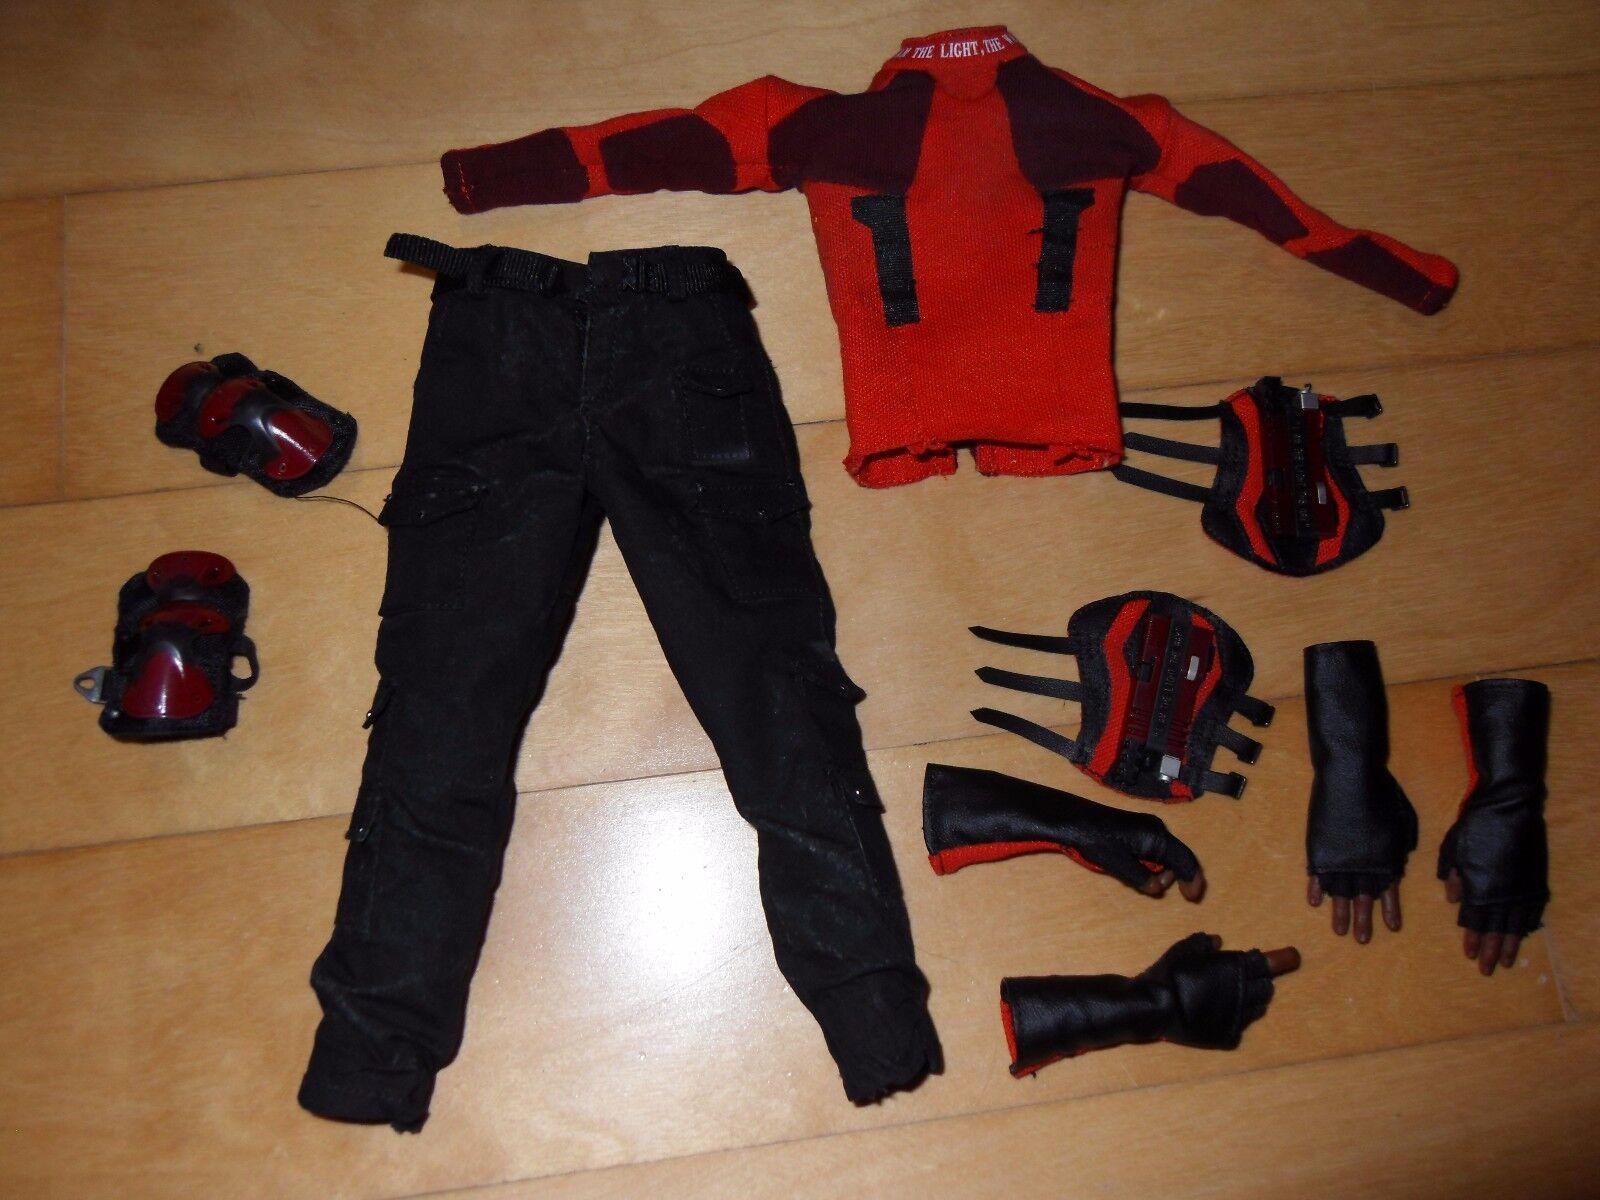 Figuras de arte escala 1 6 muertos soldado Deadshot uniforme, 4 manos con guantes y mucho